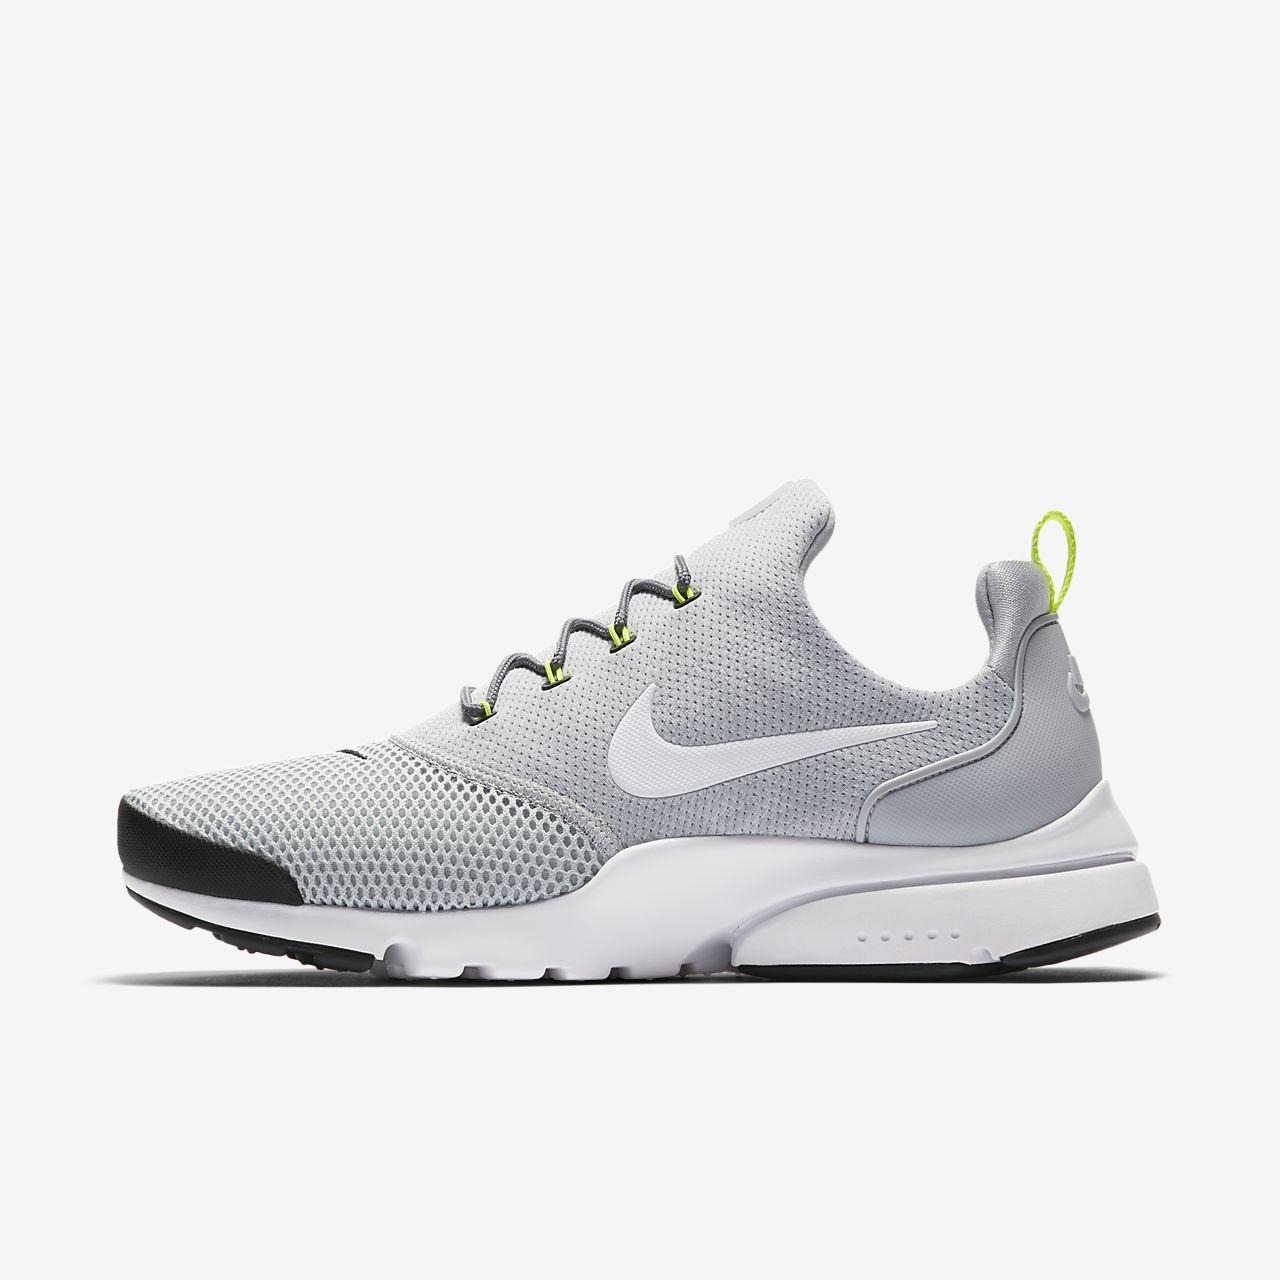 Nike Presto Fly Herren Sneaker Wolf Grey/White 45 EU  42.5 EU